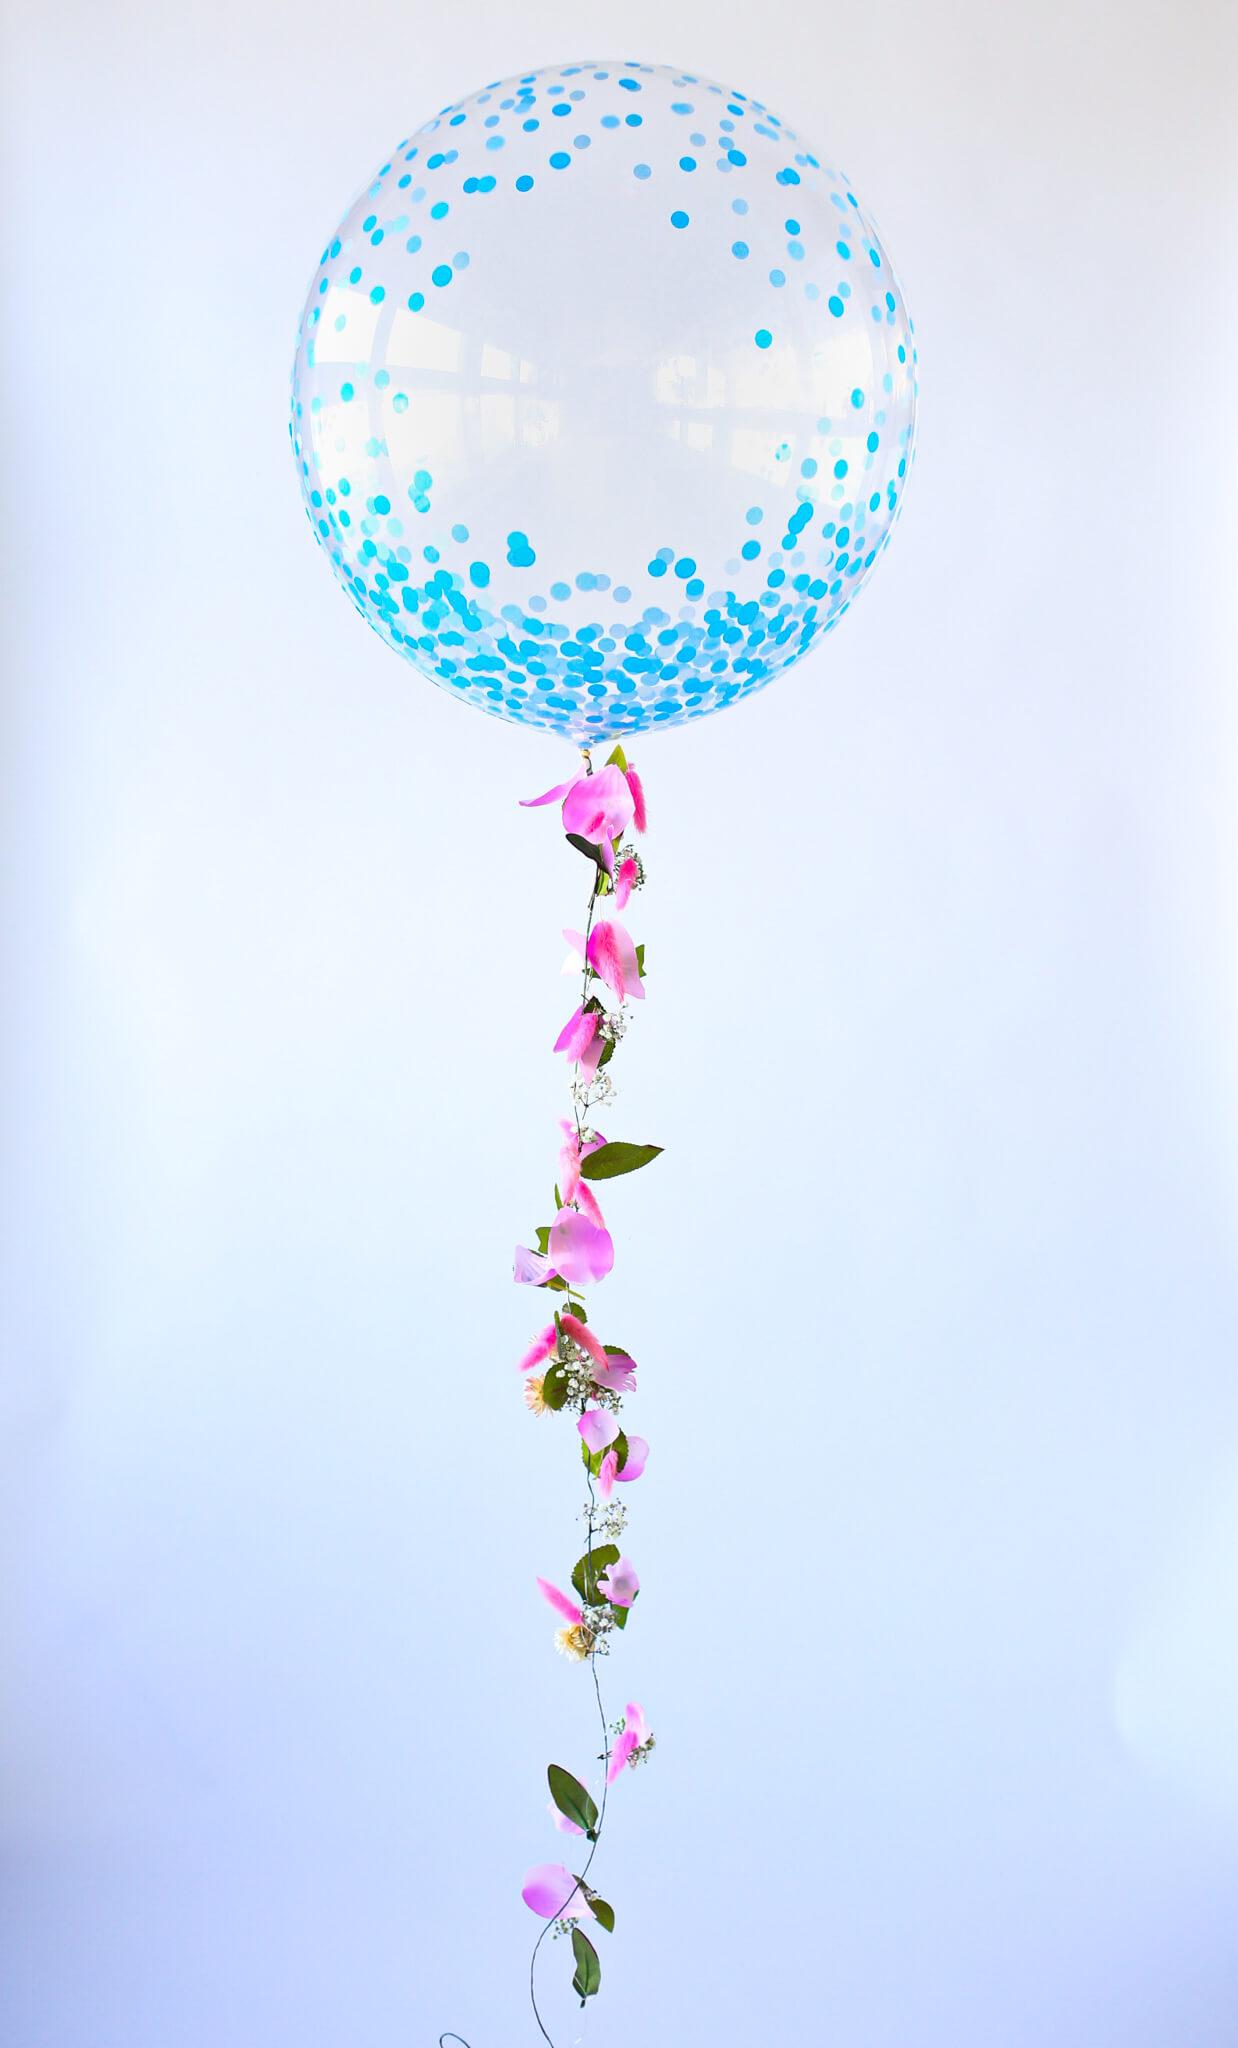 Ilmapallo koristeltiin kukan terälehdillä ja vihreillä versoilla.